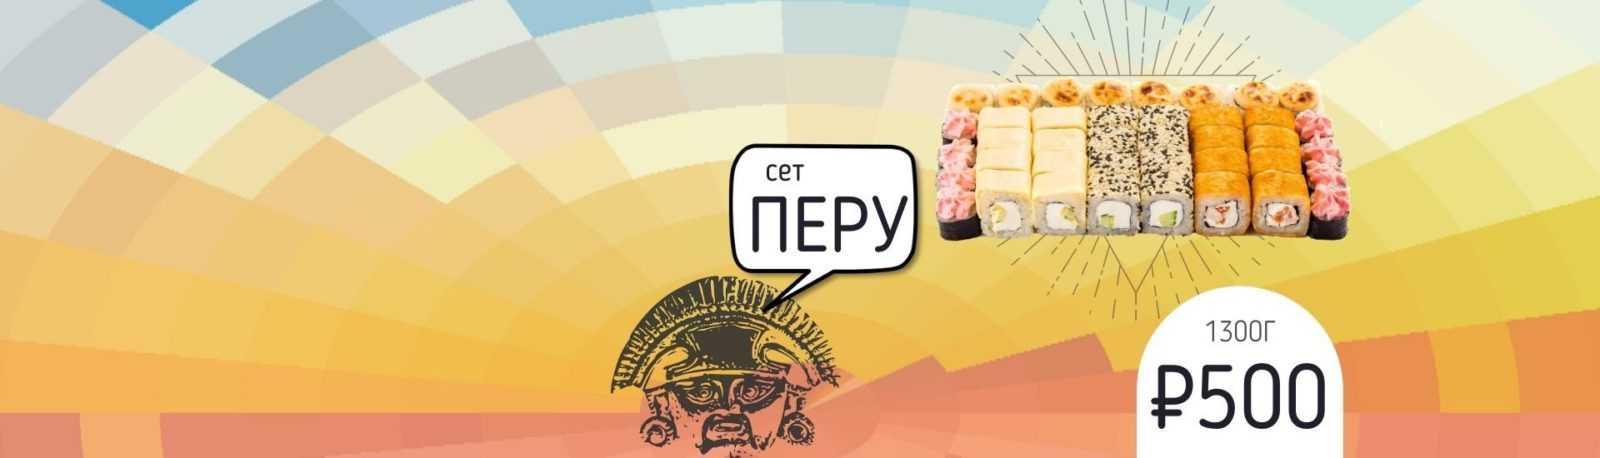 blyuda-inostrannyh-kuhon-na-lyuboj-vkus-v-makarollyche-1